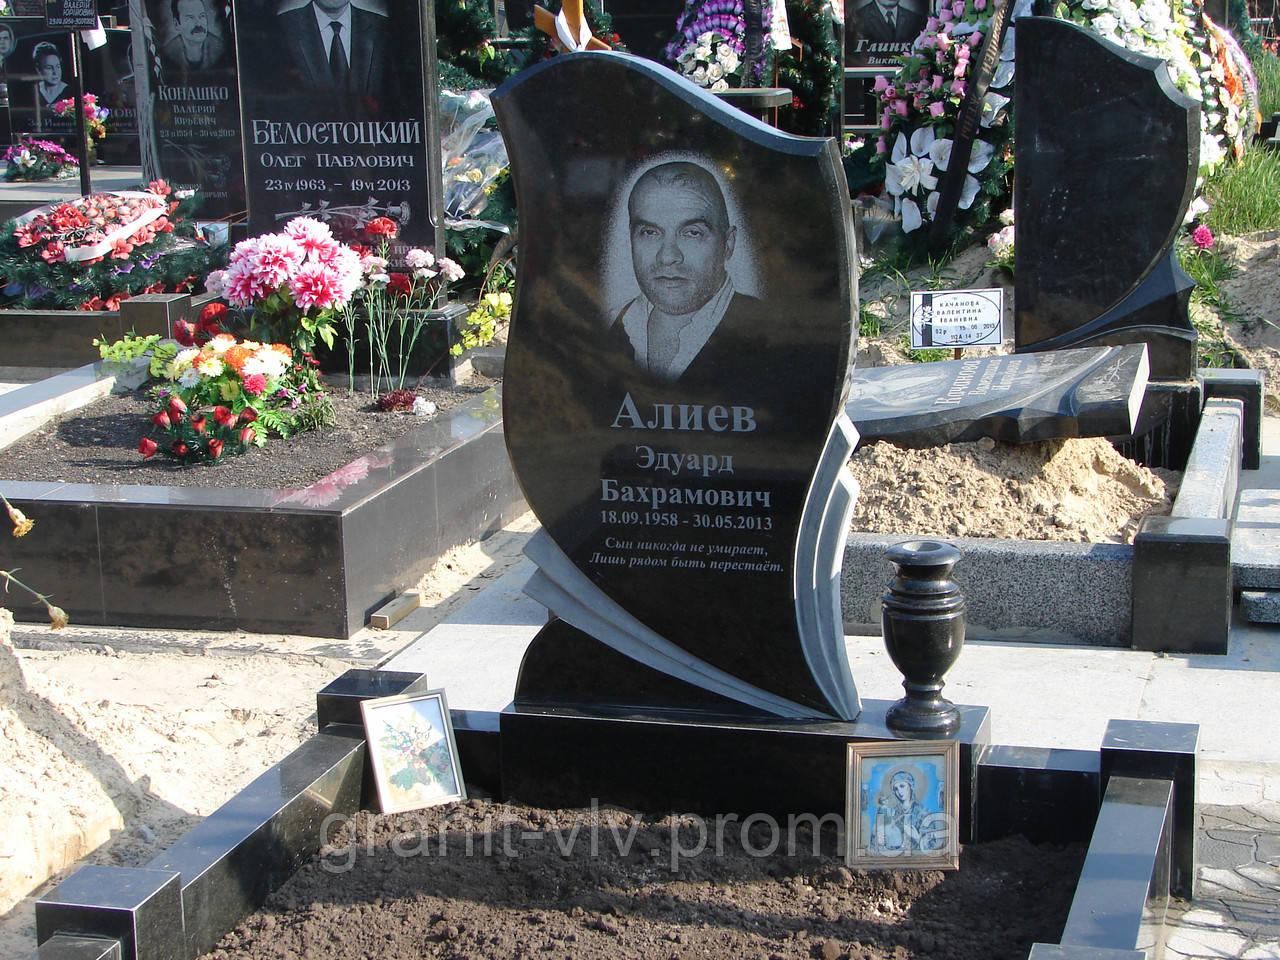 Памятники фото с кладбища качественно цены на памятники ростов на дону к Волгодонск